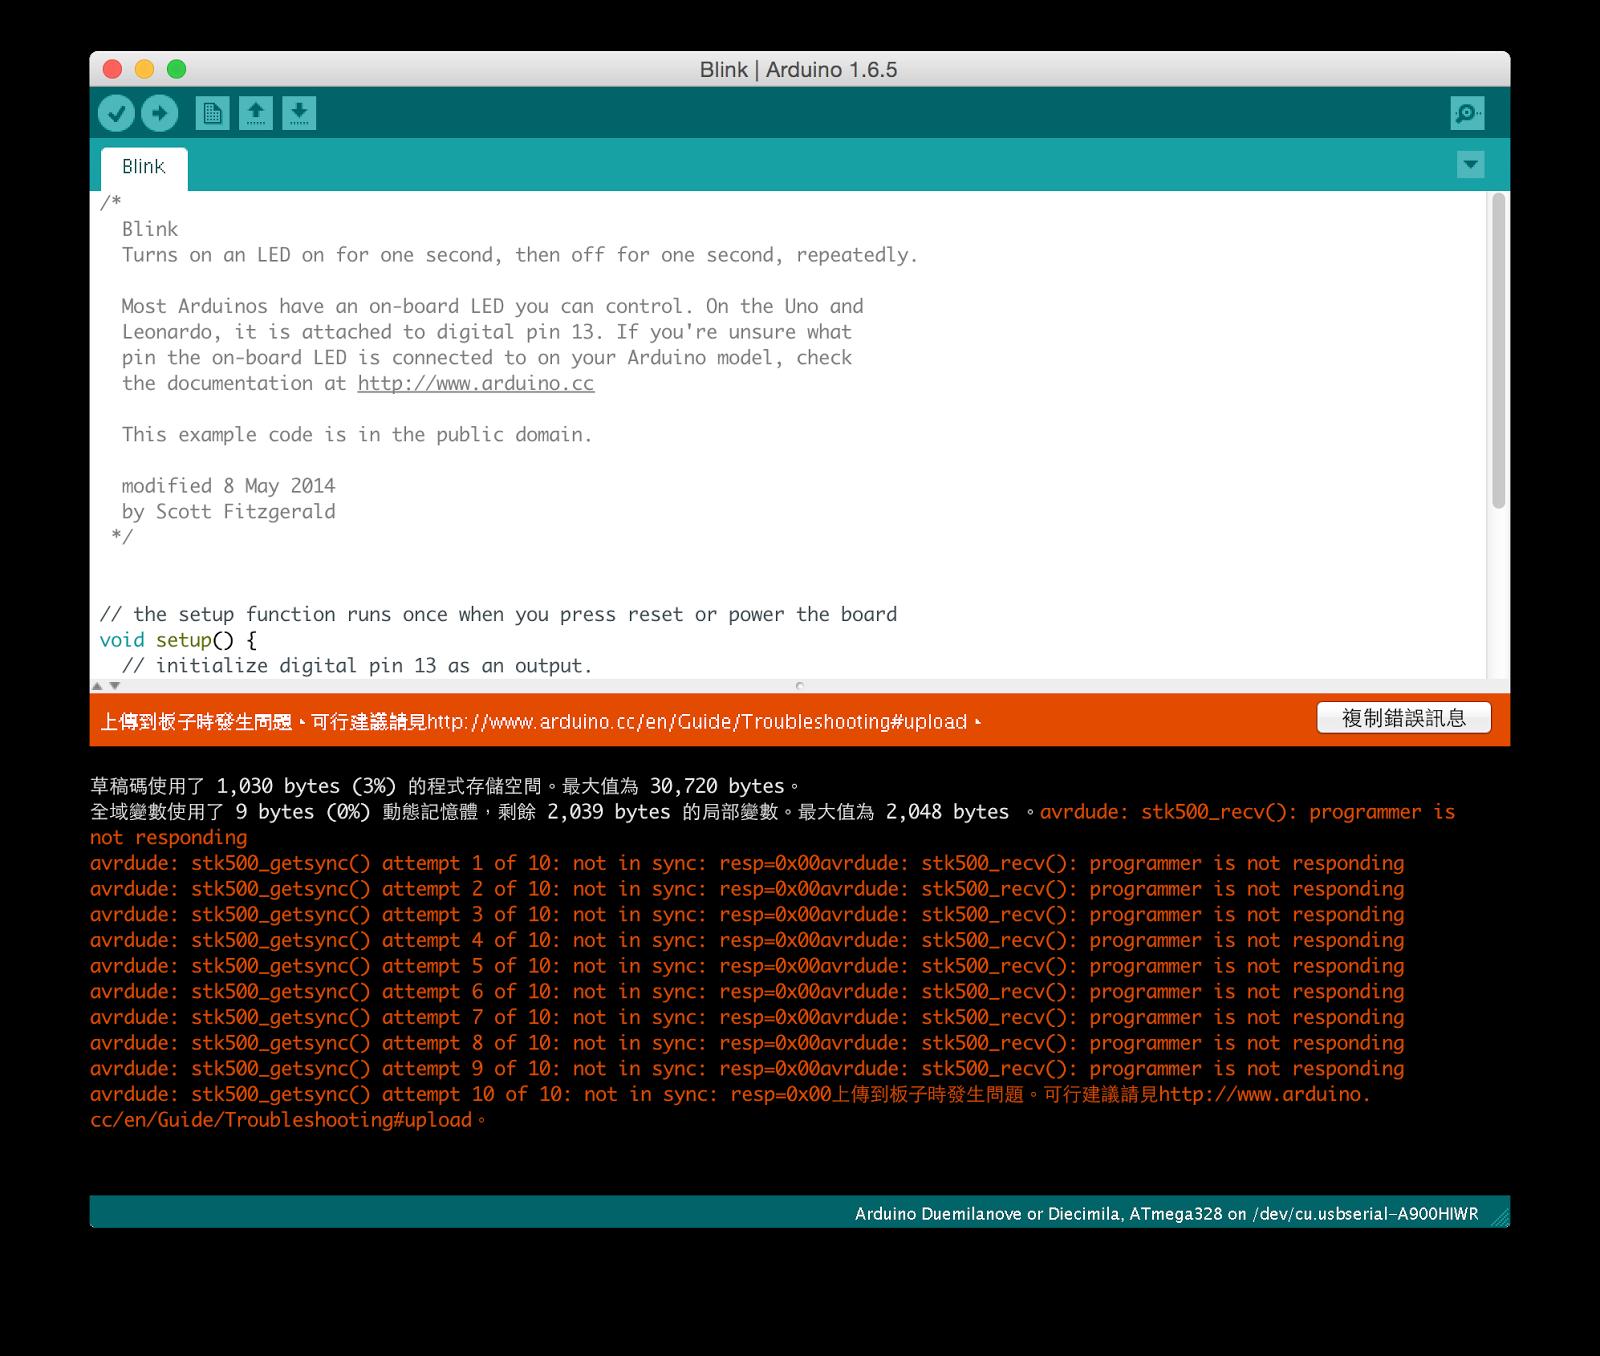 解決 arduino 在 mac os yosemite 無法上傳程式錯誤: stk getsync